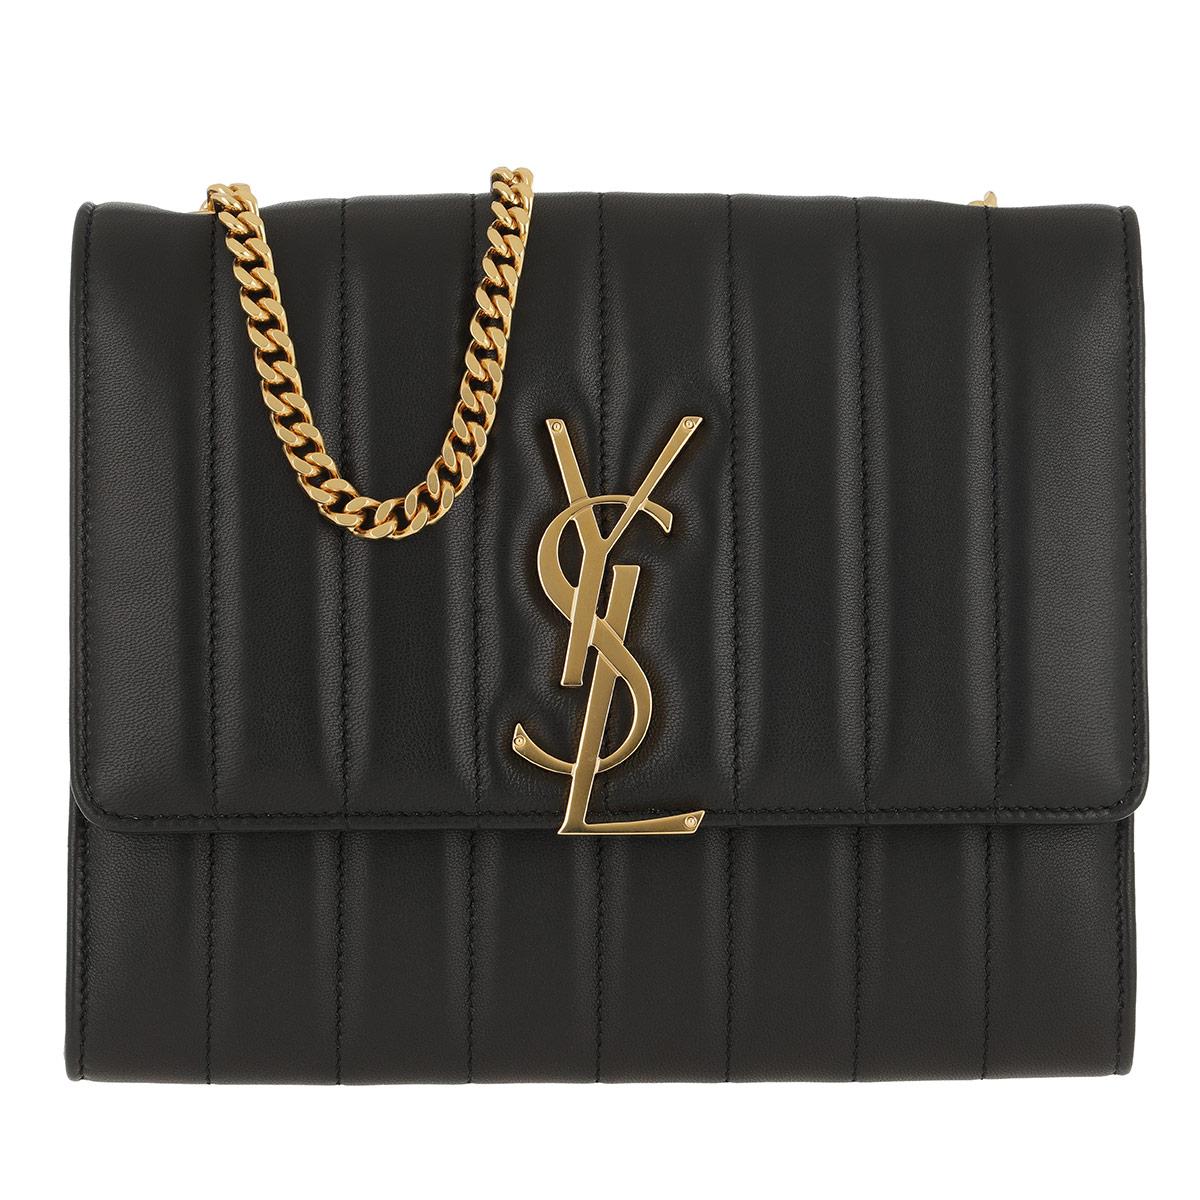 Saint Laurent Umhängetasche - Vicky Chain Wallet Quilted Lambskin Black - in schwarz - für Damen